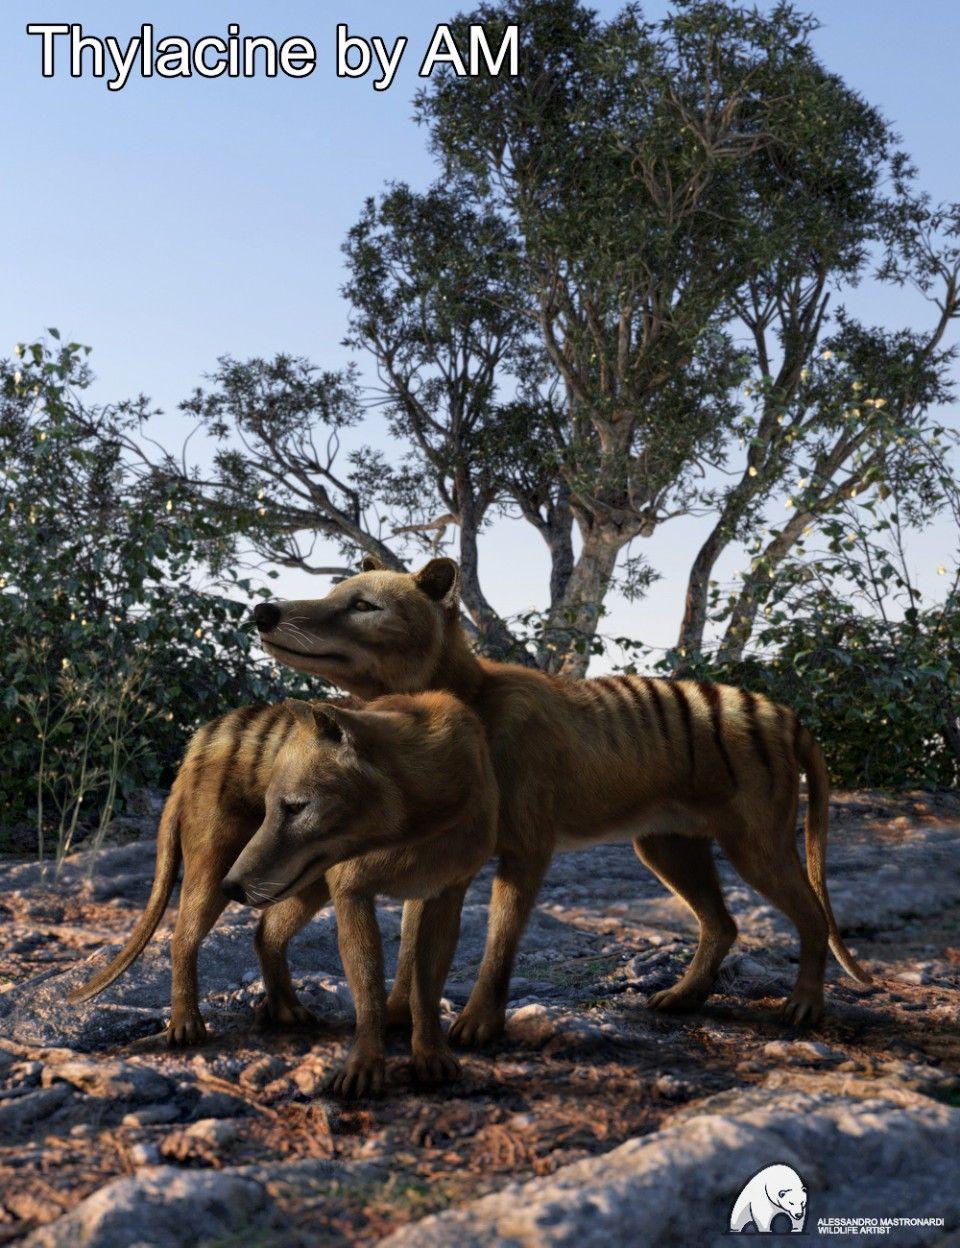 Thylacine by AM. Artist rendition of extinct animal. art